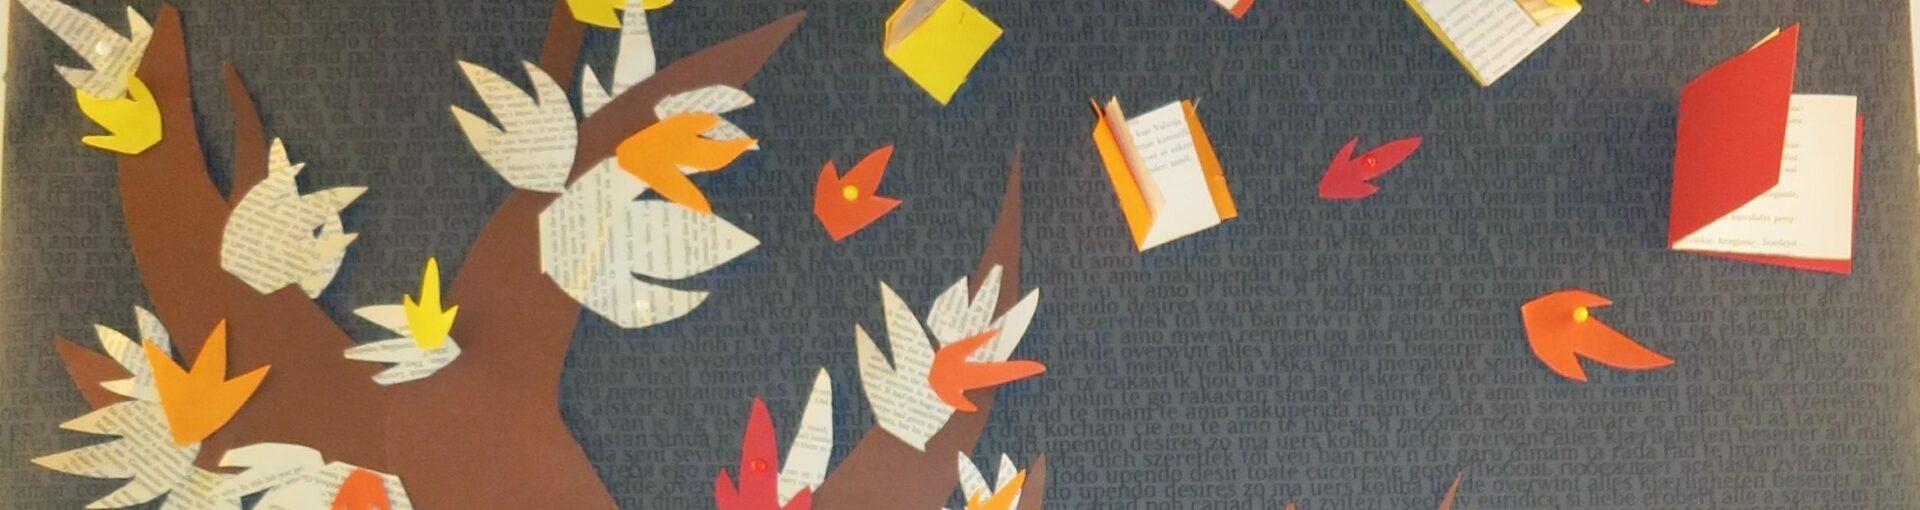 Askarreltu kuva puusta, josta tuulessa irtoaa kirjoja